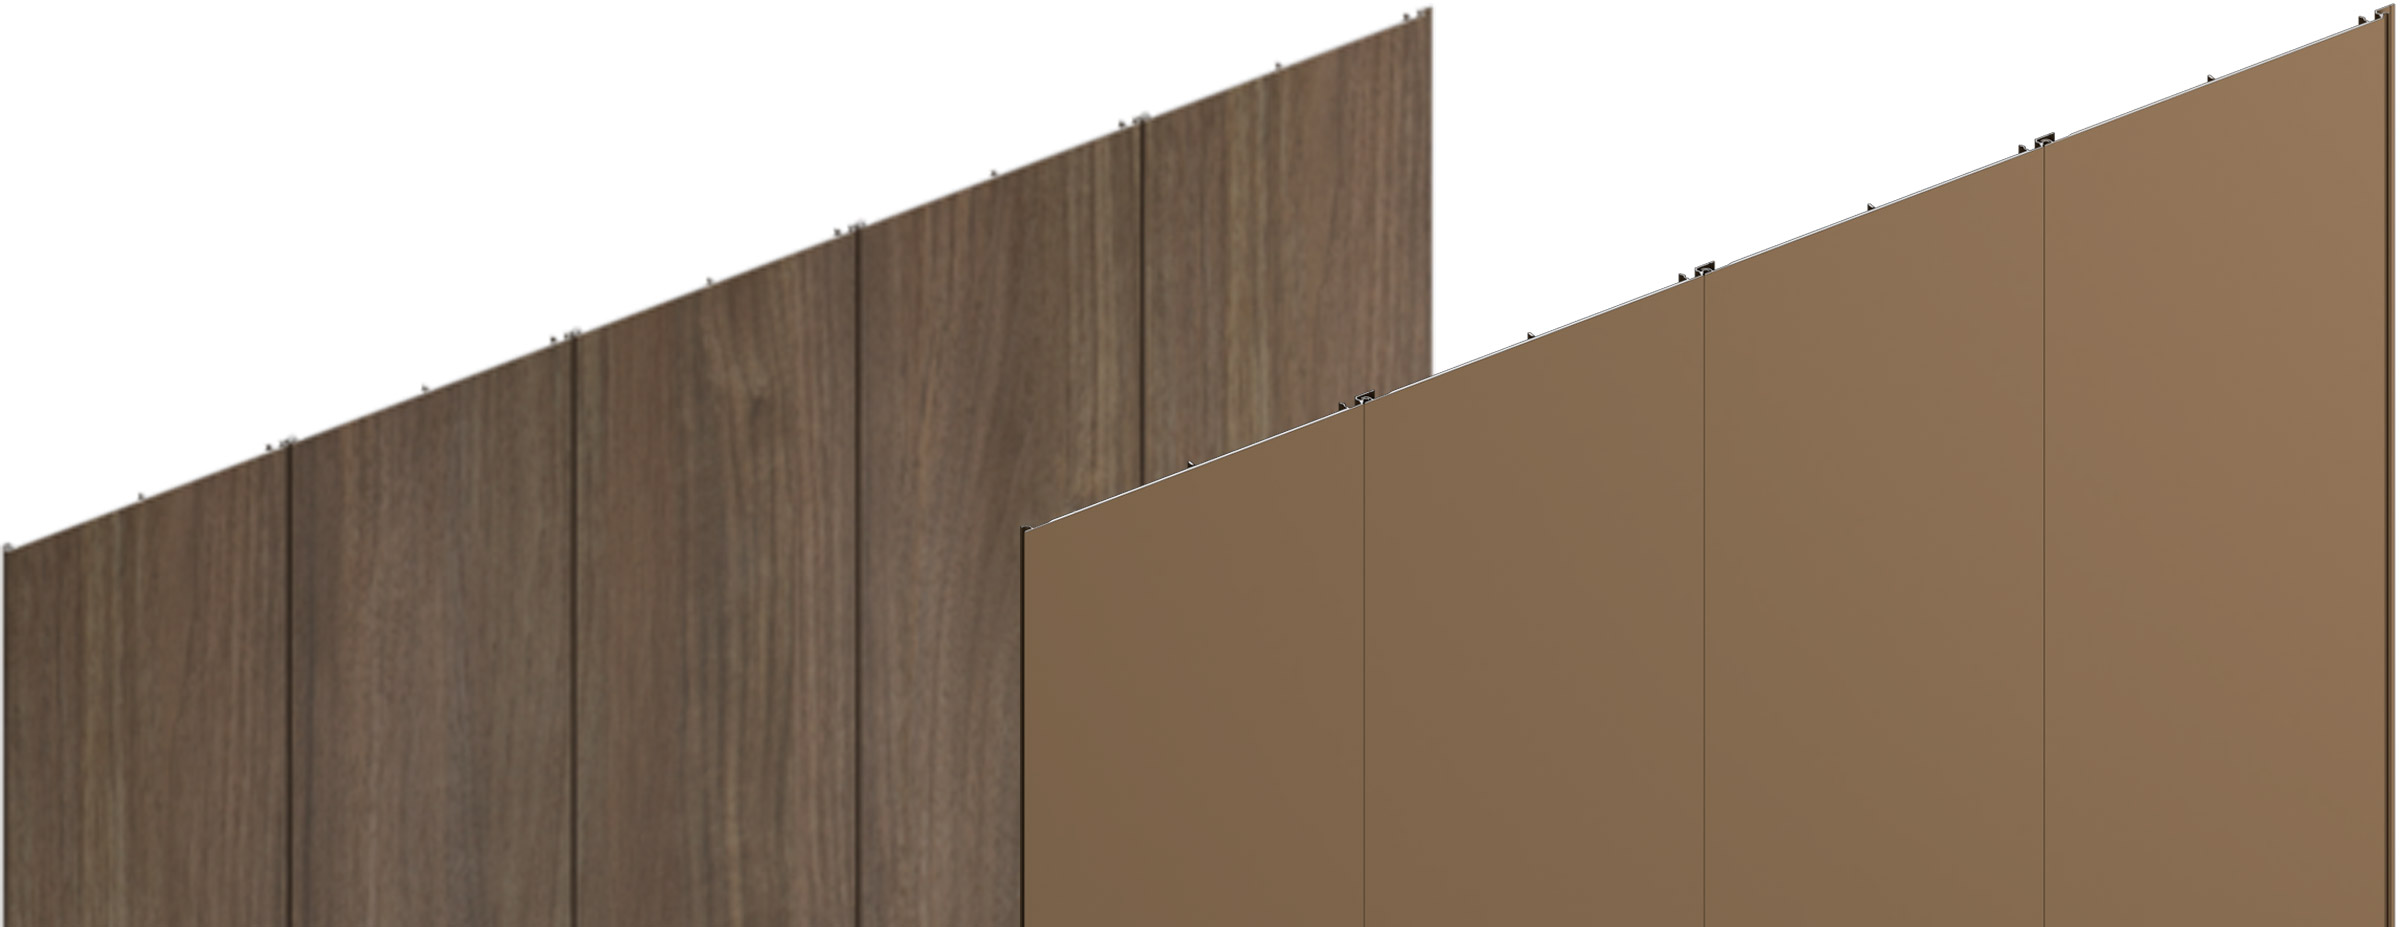 Sculptform Aluminium Click-on Cladding fine line profile